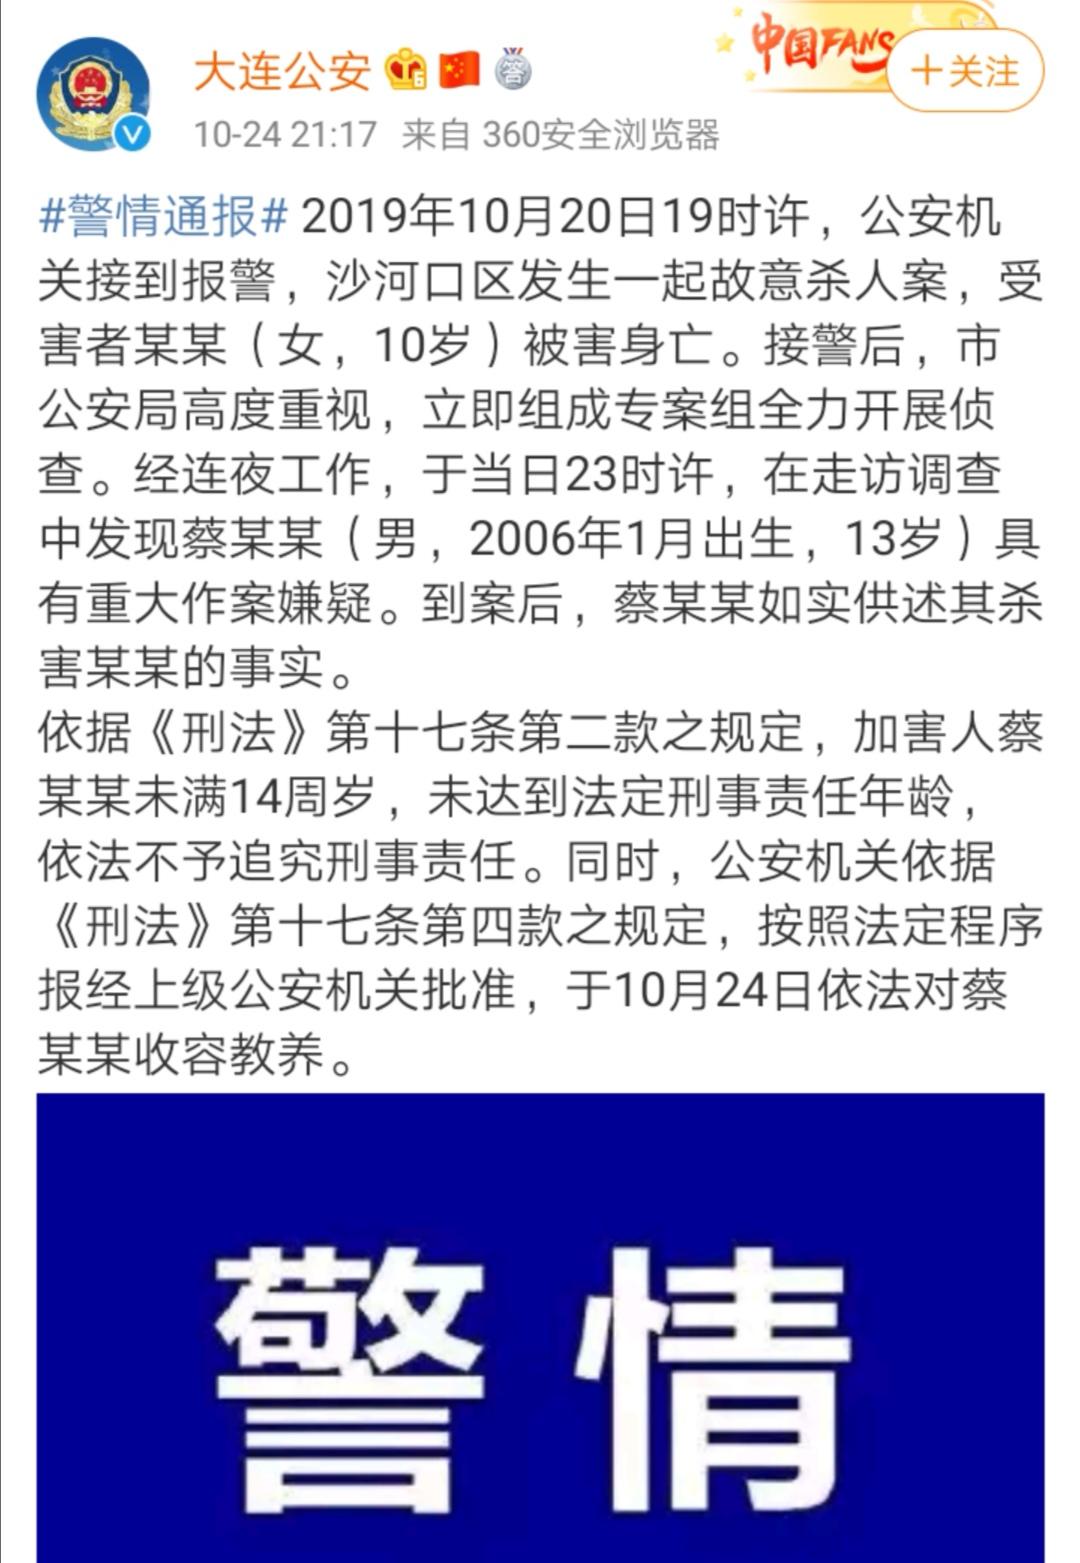 http://www.bvwet.club/shehuiwanxiang/292339.html